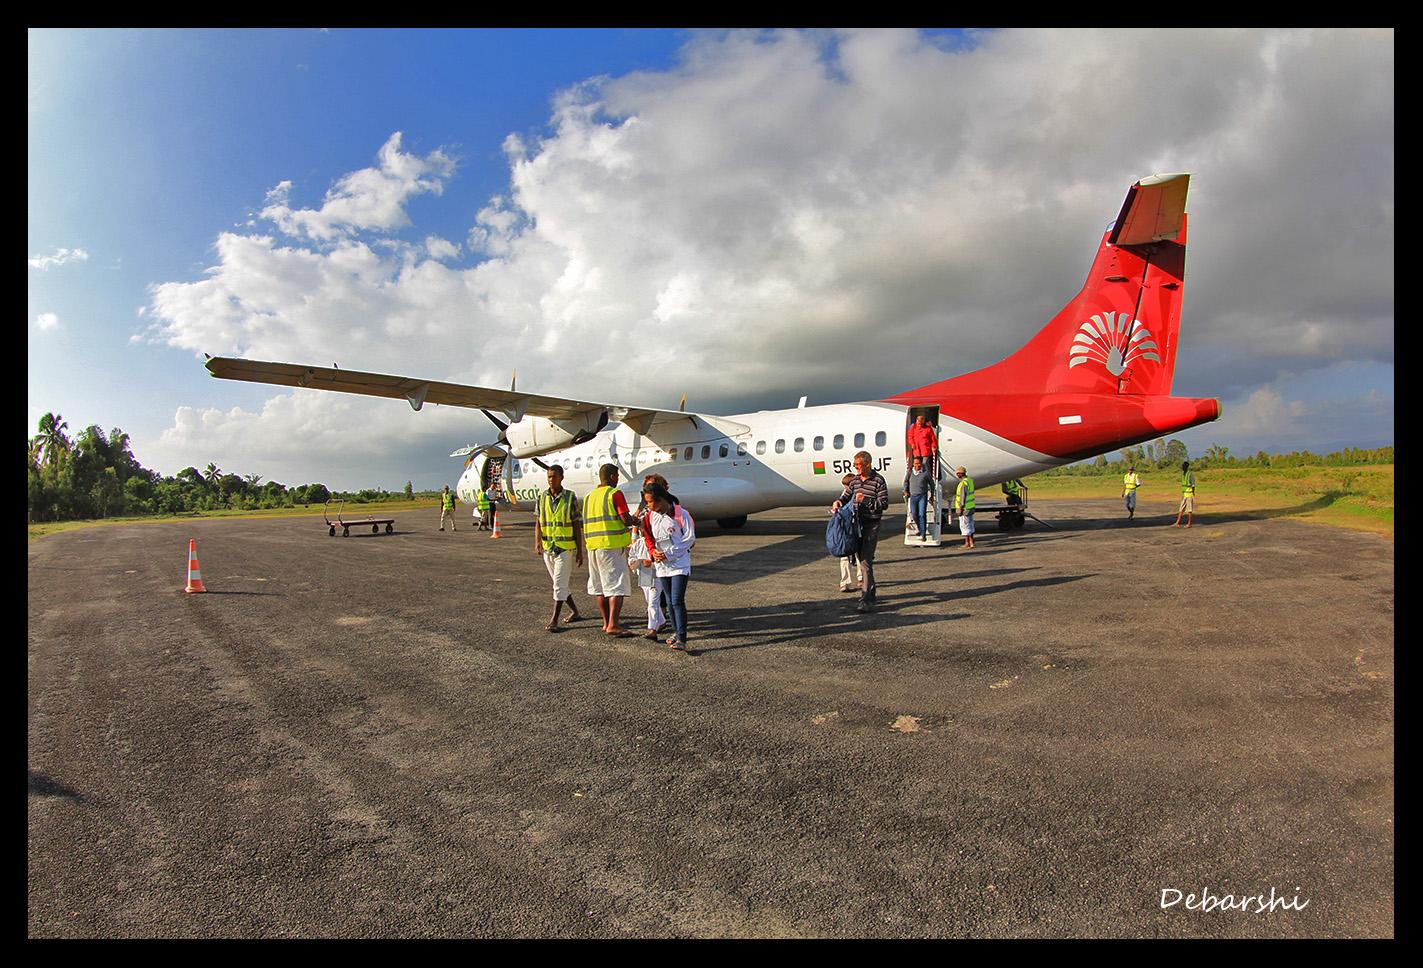 Air Madagascar Maroantsetra